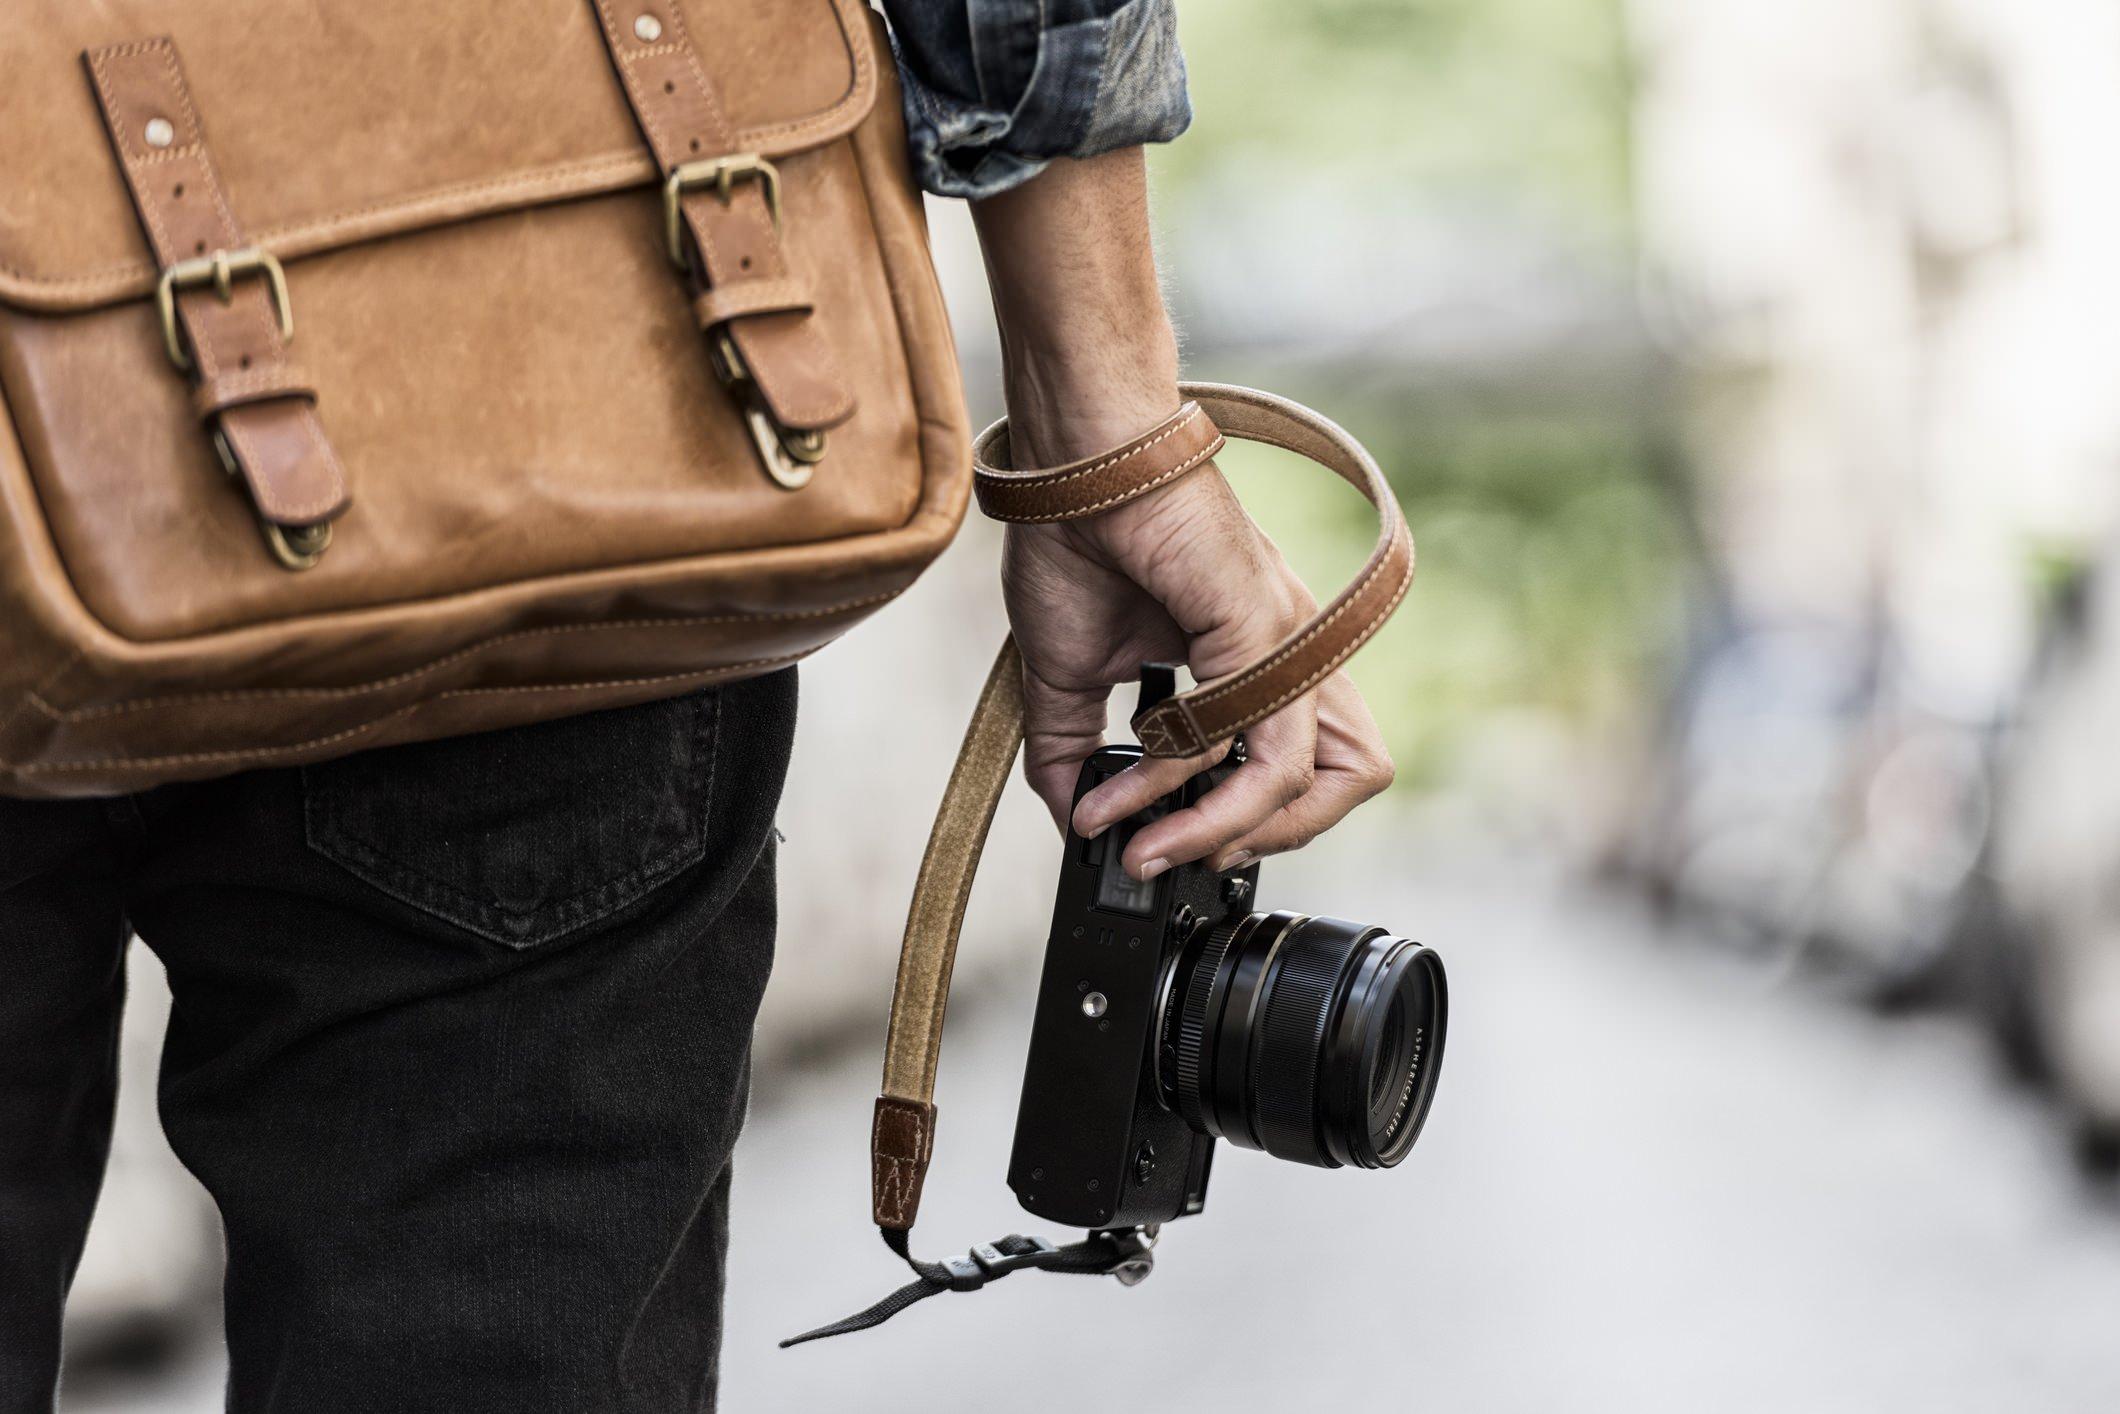 Expert Picks: Cameras for Every Budget